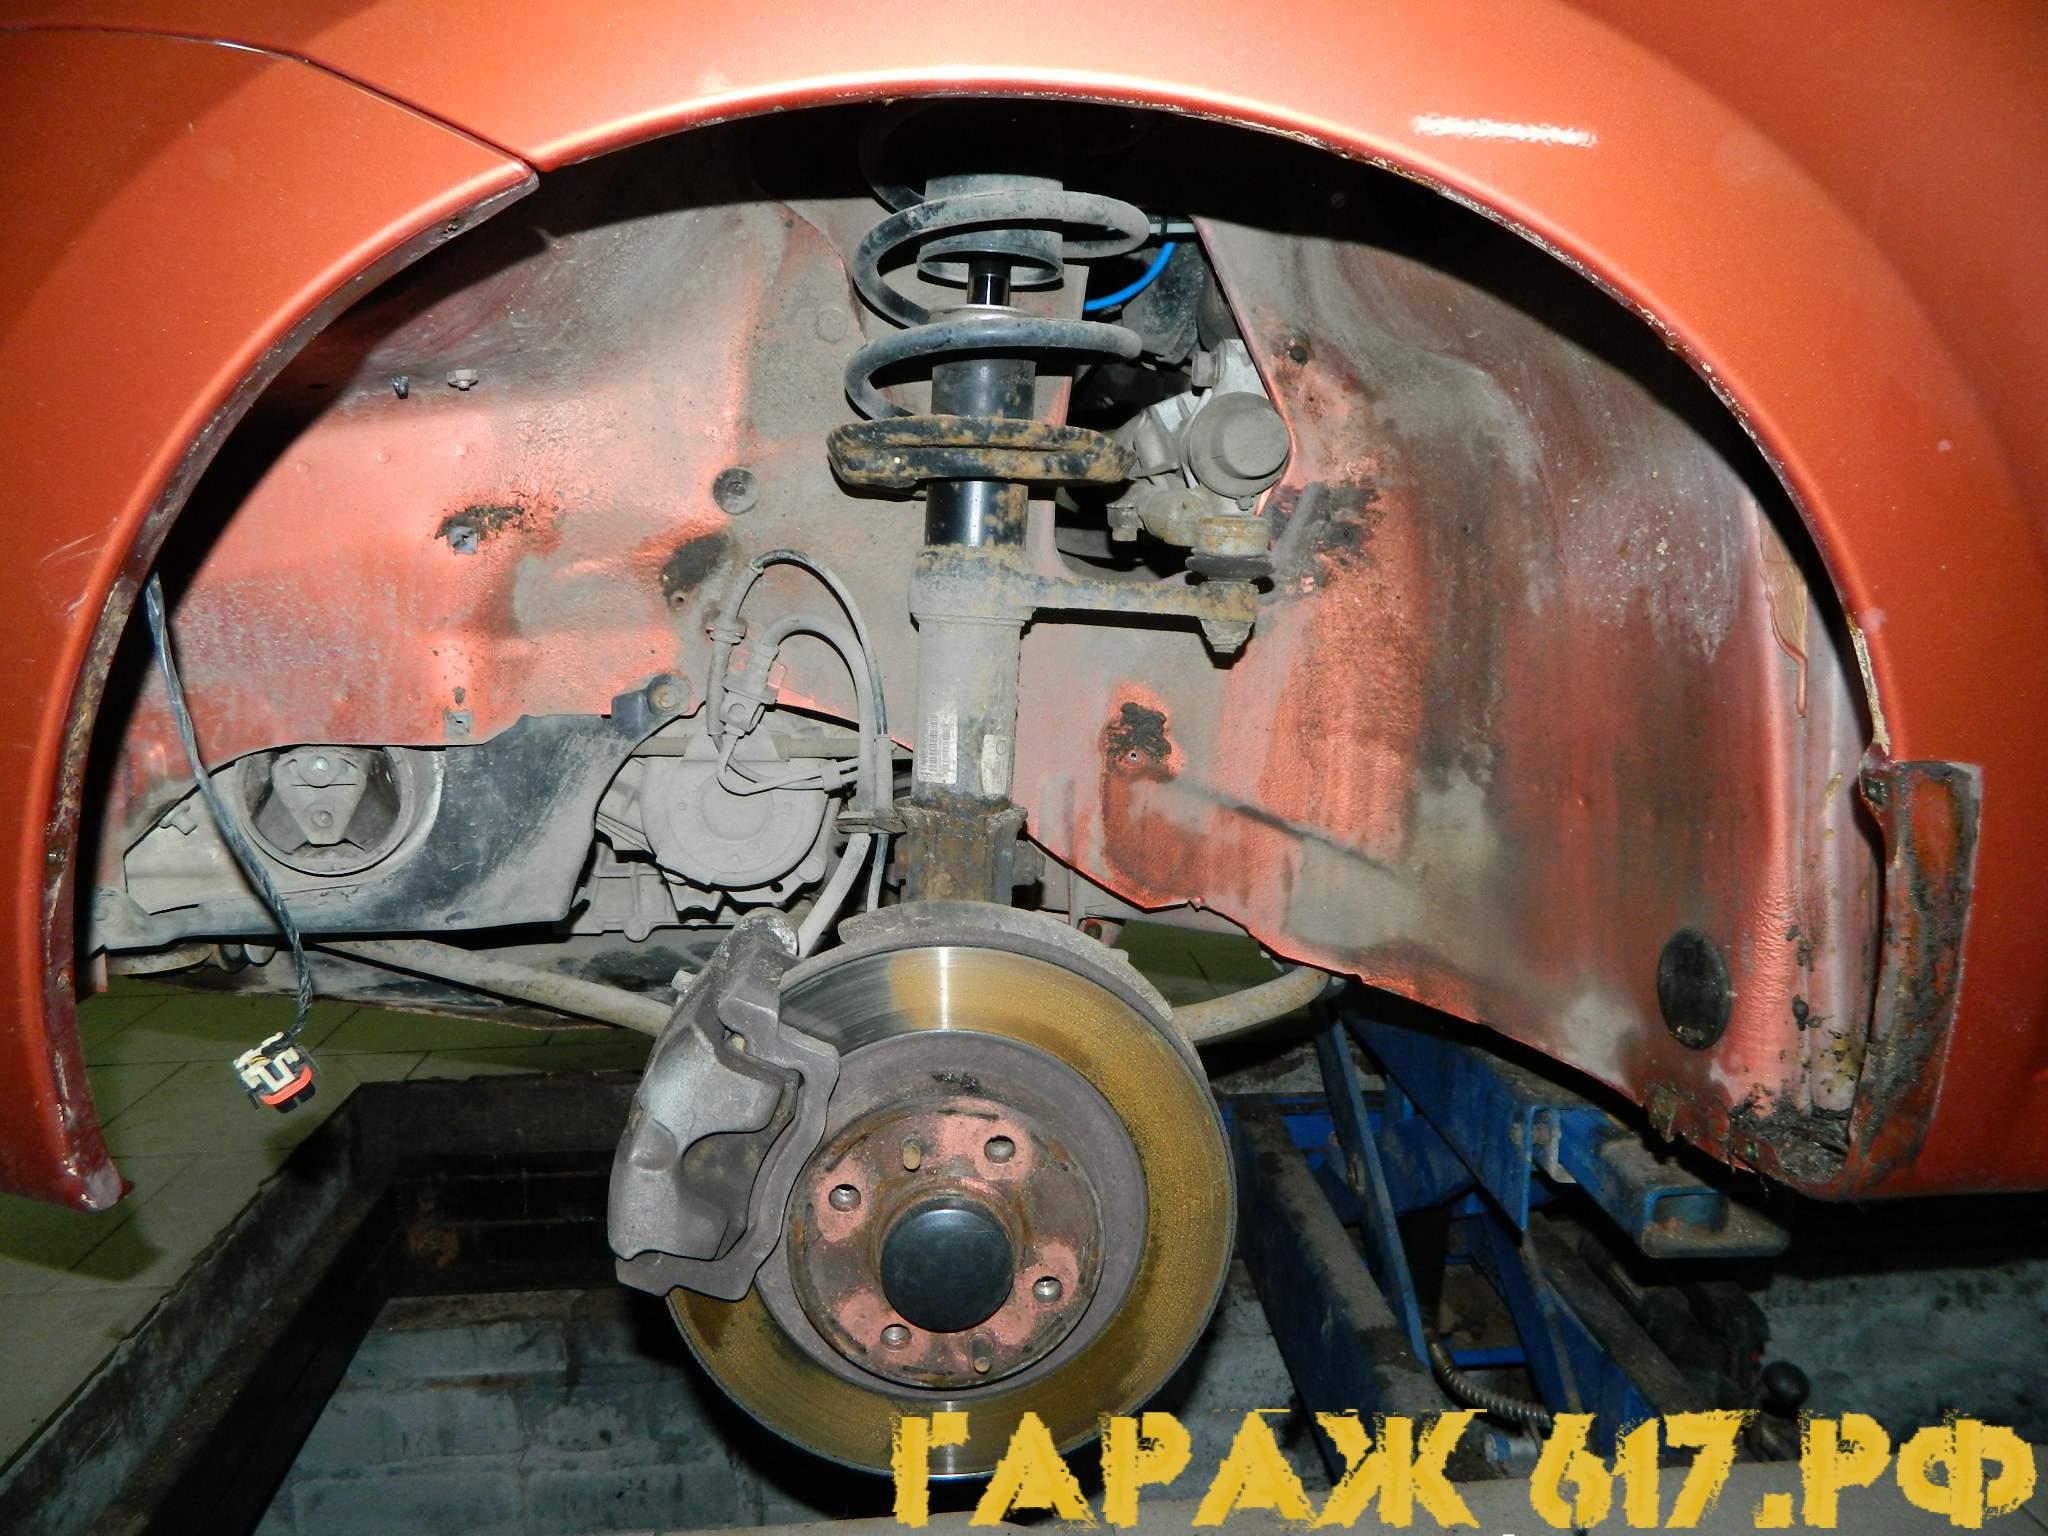 Обработка порогов автомобиля